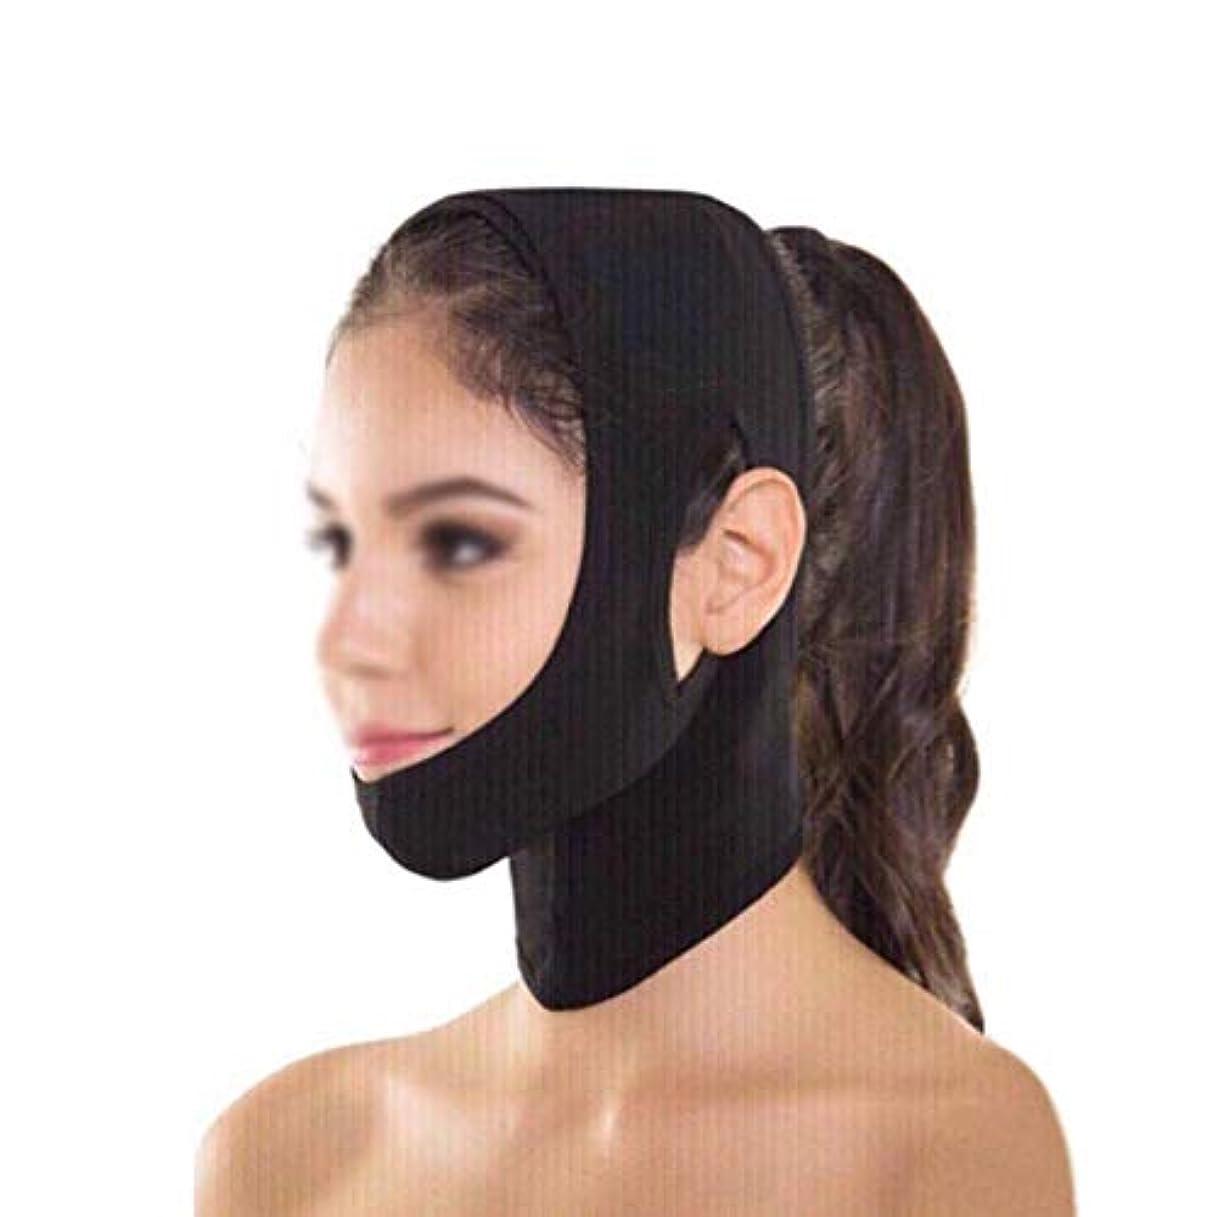 ちっちゃい肌不規則性フェイスリフティングバンデージ、フェイスリフティングマスク、顔面の首と首を持ち上げる、顔を持ち上げて二重あごを減らす(フリーサイズ)(カラー:カーキ色),ブラック